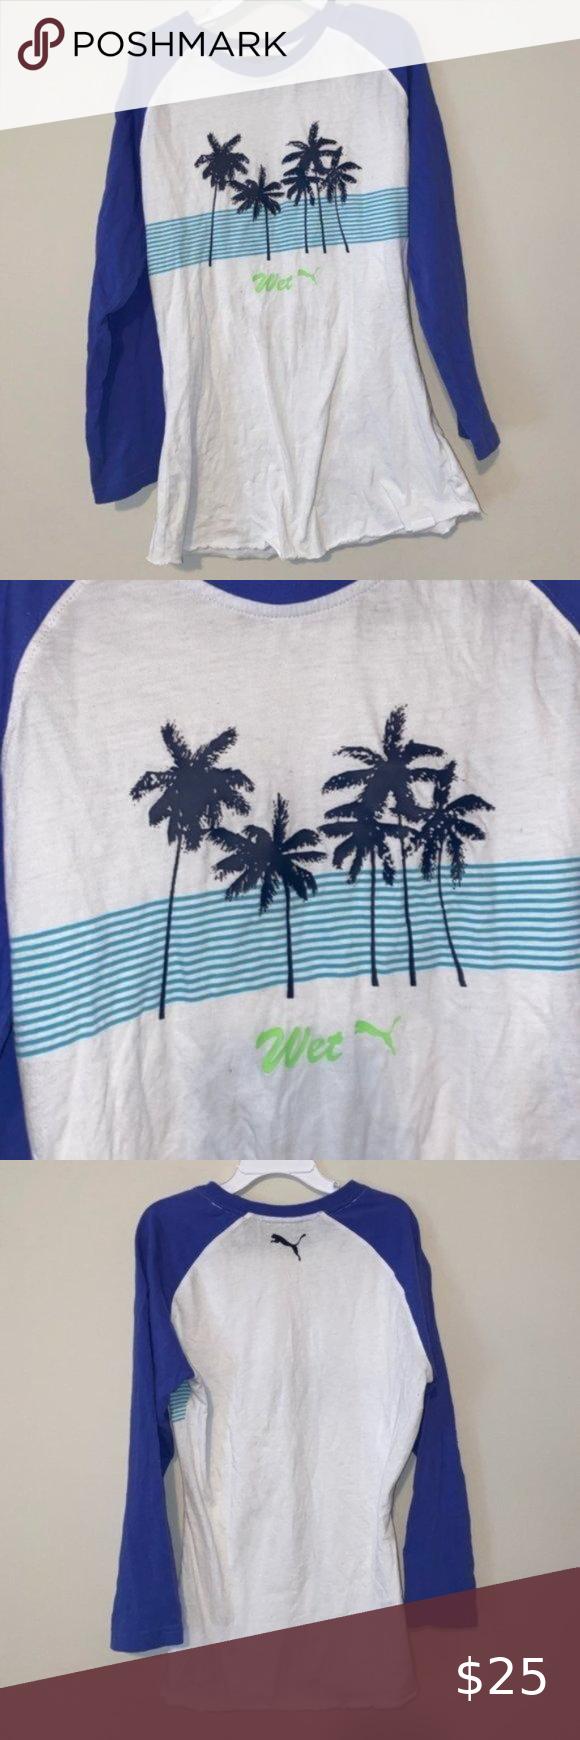 Fenty shirt by Rihanna Puma Collaboration